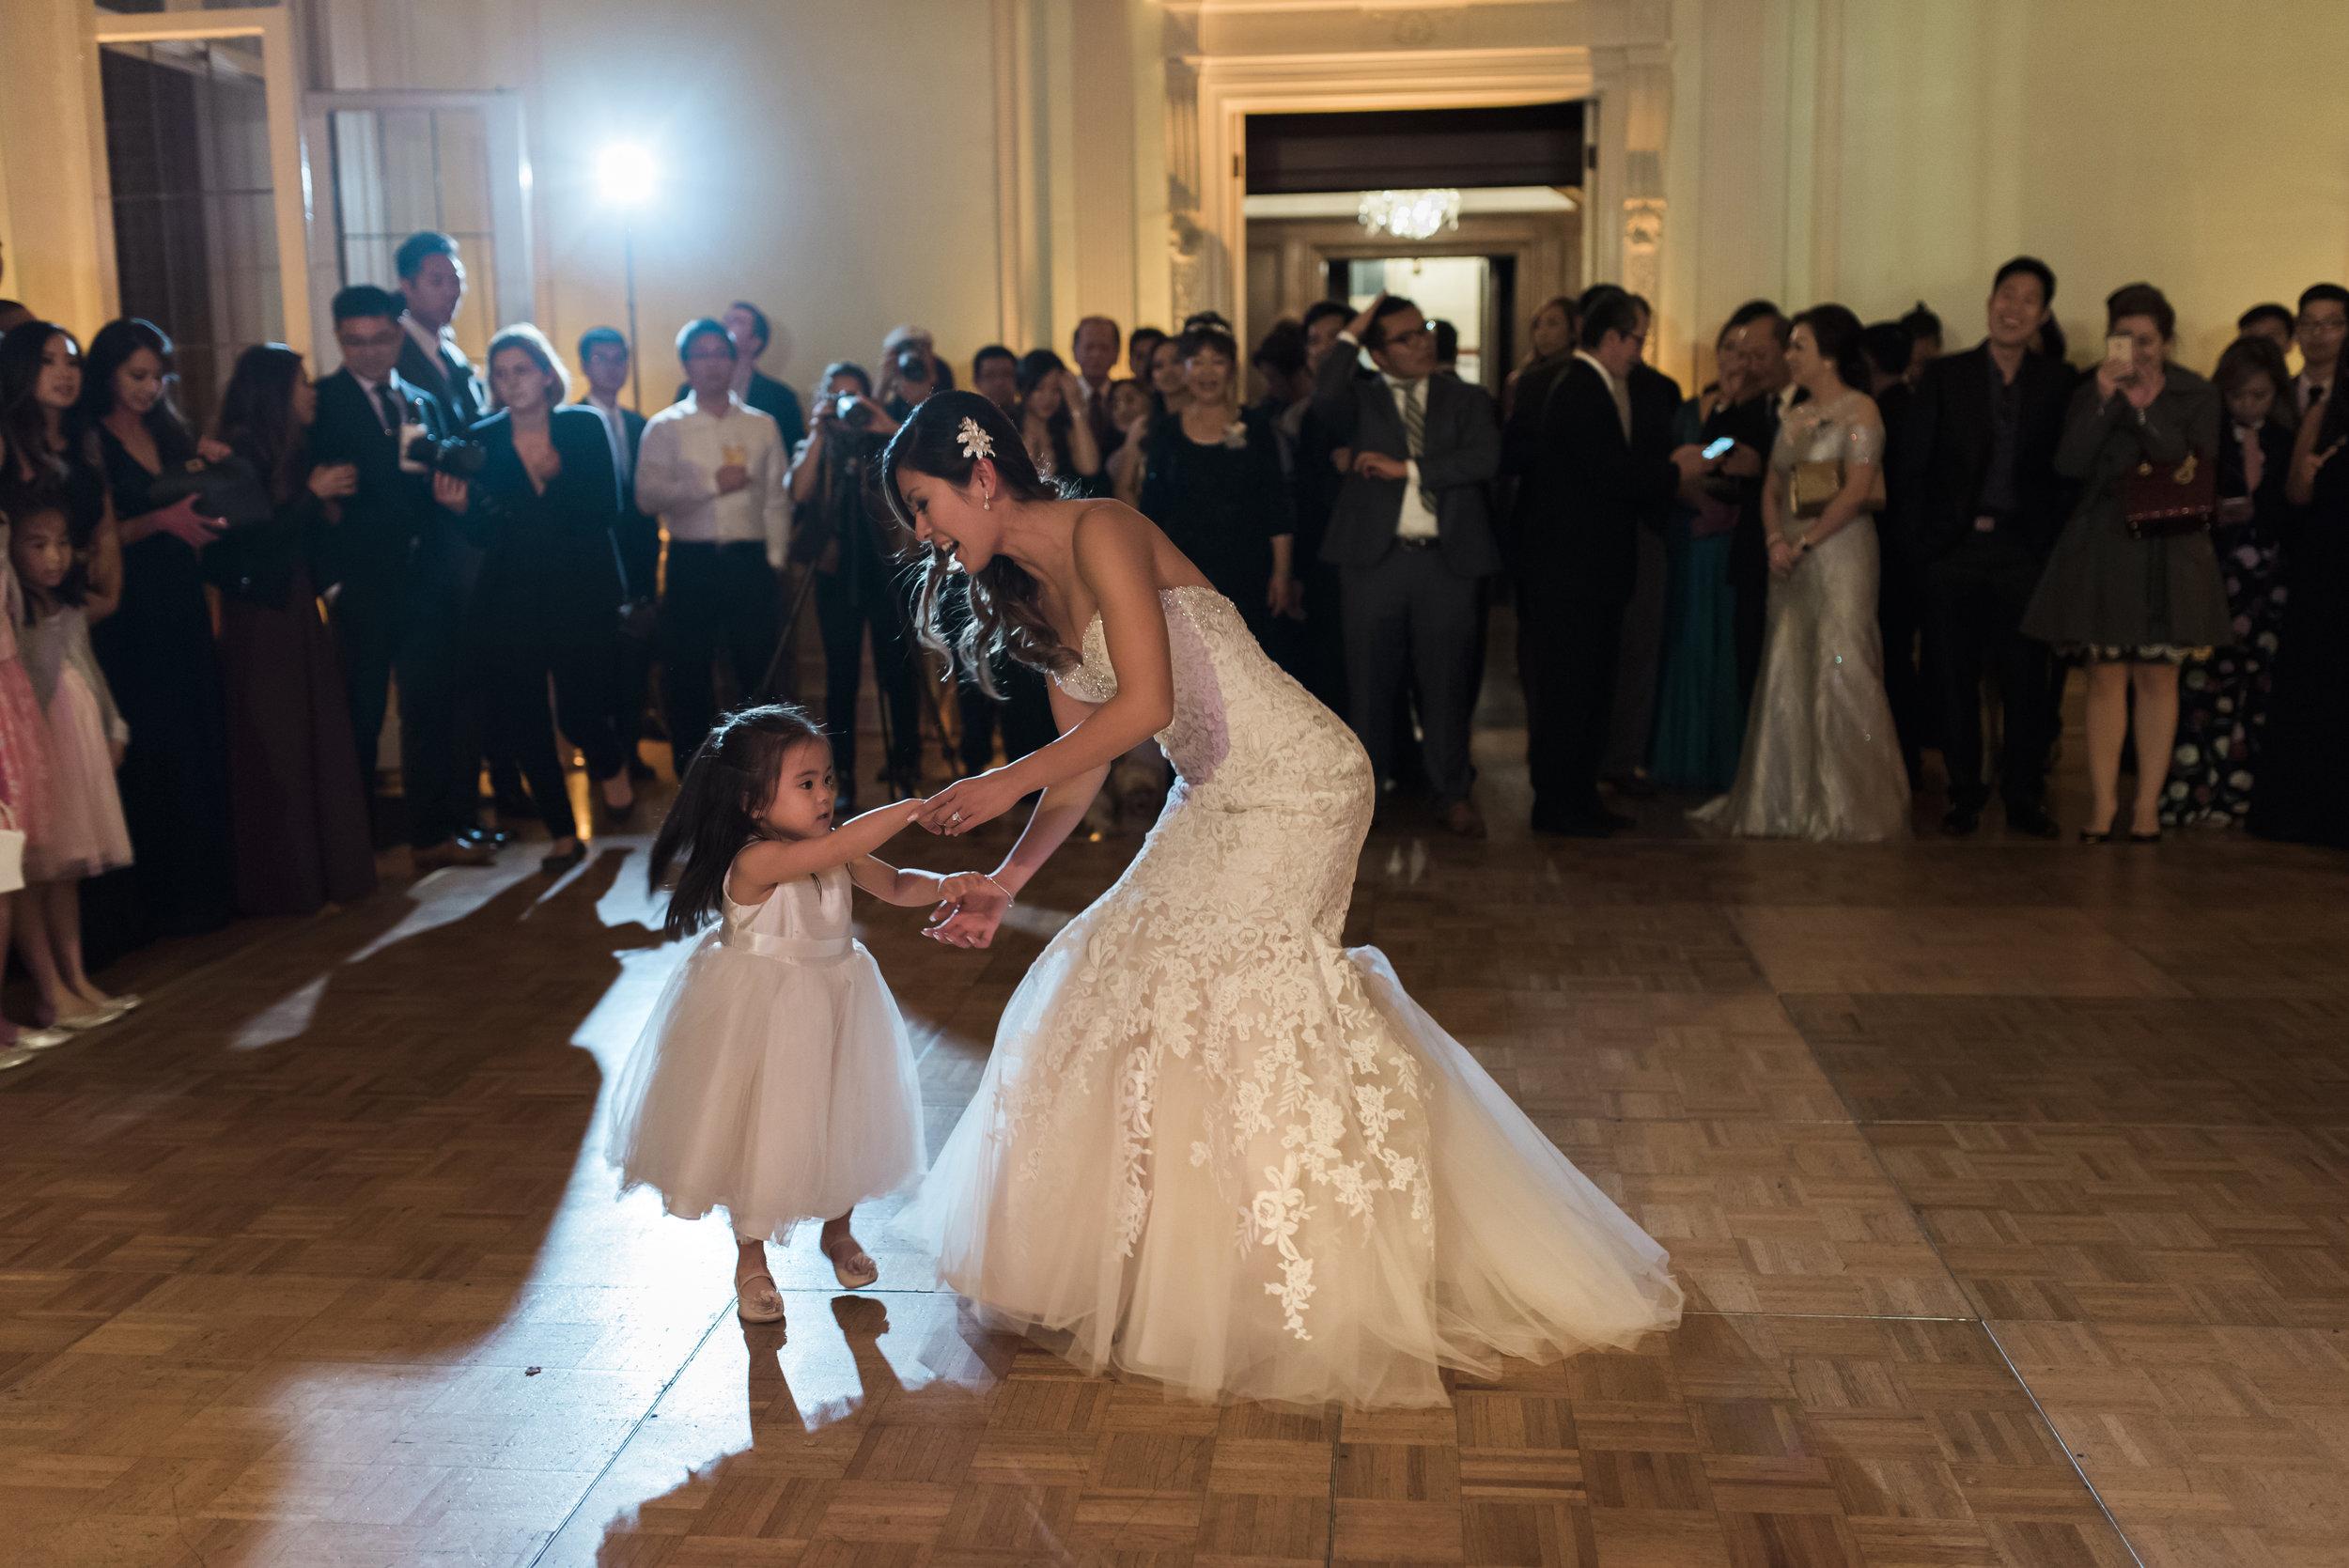 carien-will-wedding-788-(ZF-2465-09696-1-032).jpg